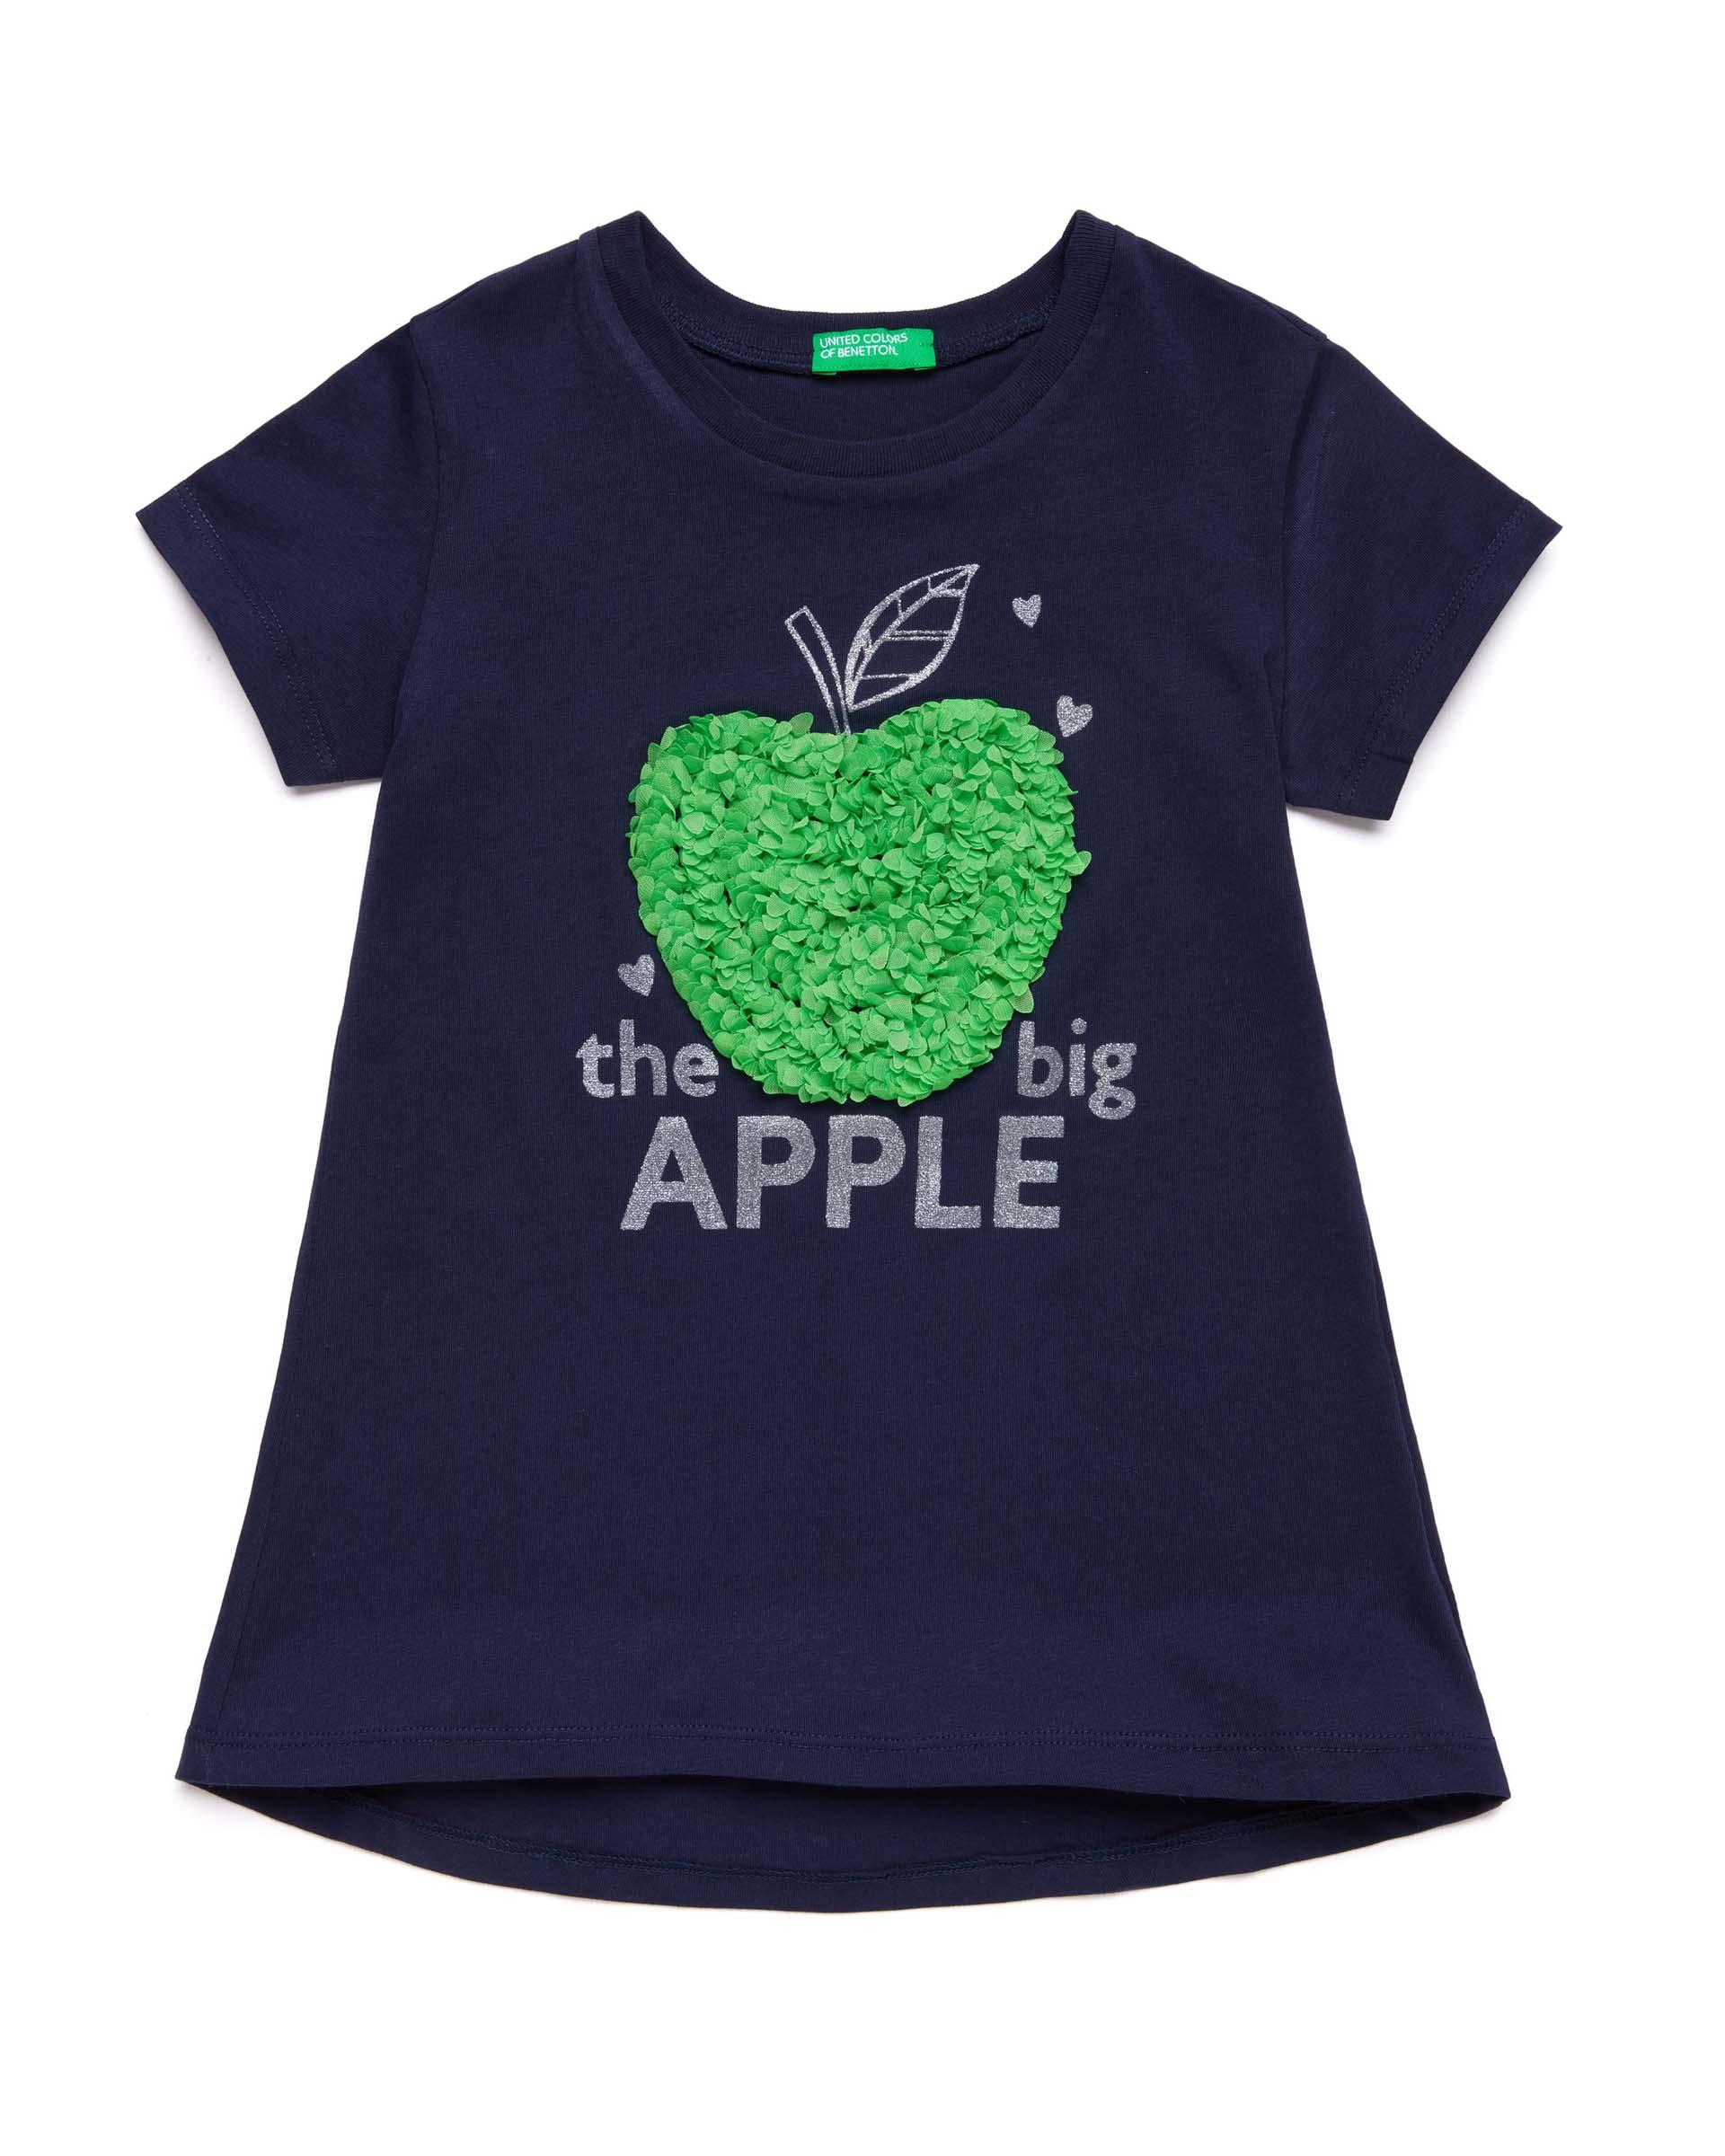 Купить 20P_3I1XC14L1_252, Футболка для девочек Benetton 3I1XC14L1_252 р-р 80, United Colors of Benetton, Кофточки, футболки для новорожденных